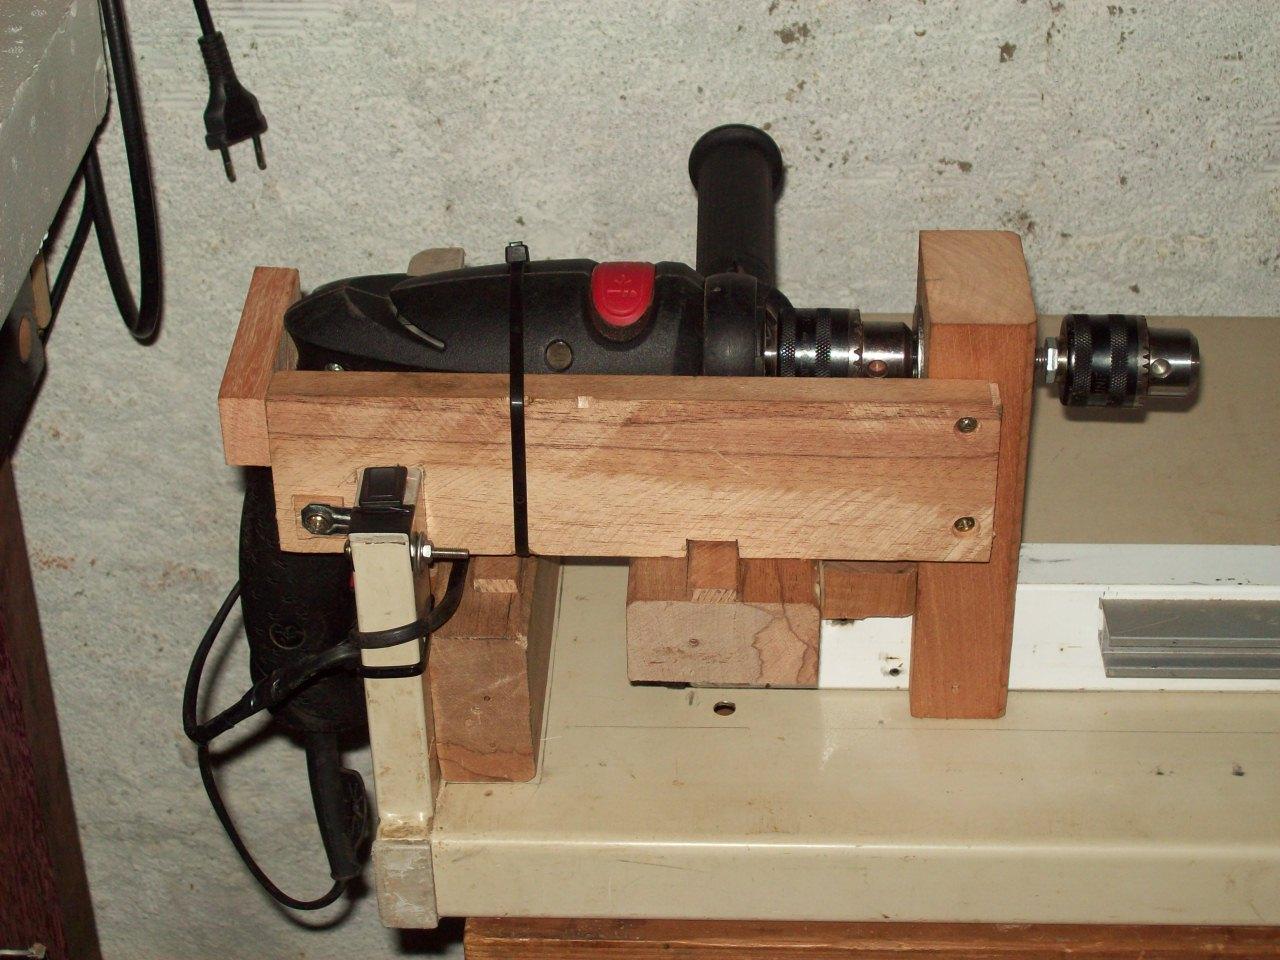 furadeira manual presa a um suporte de madeira e um barramento caseiro #A6252E 1280x960